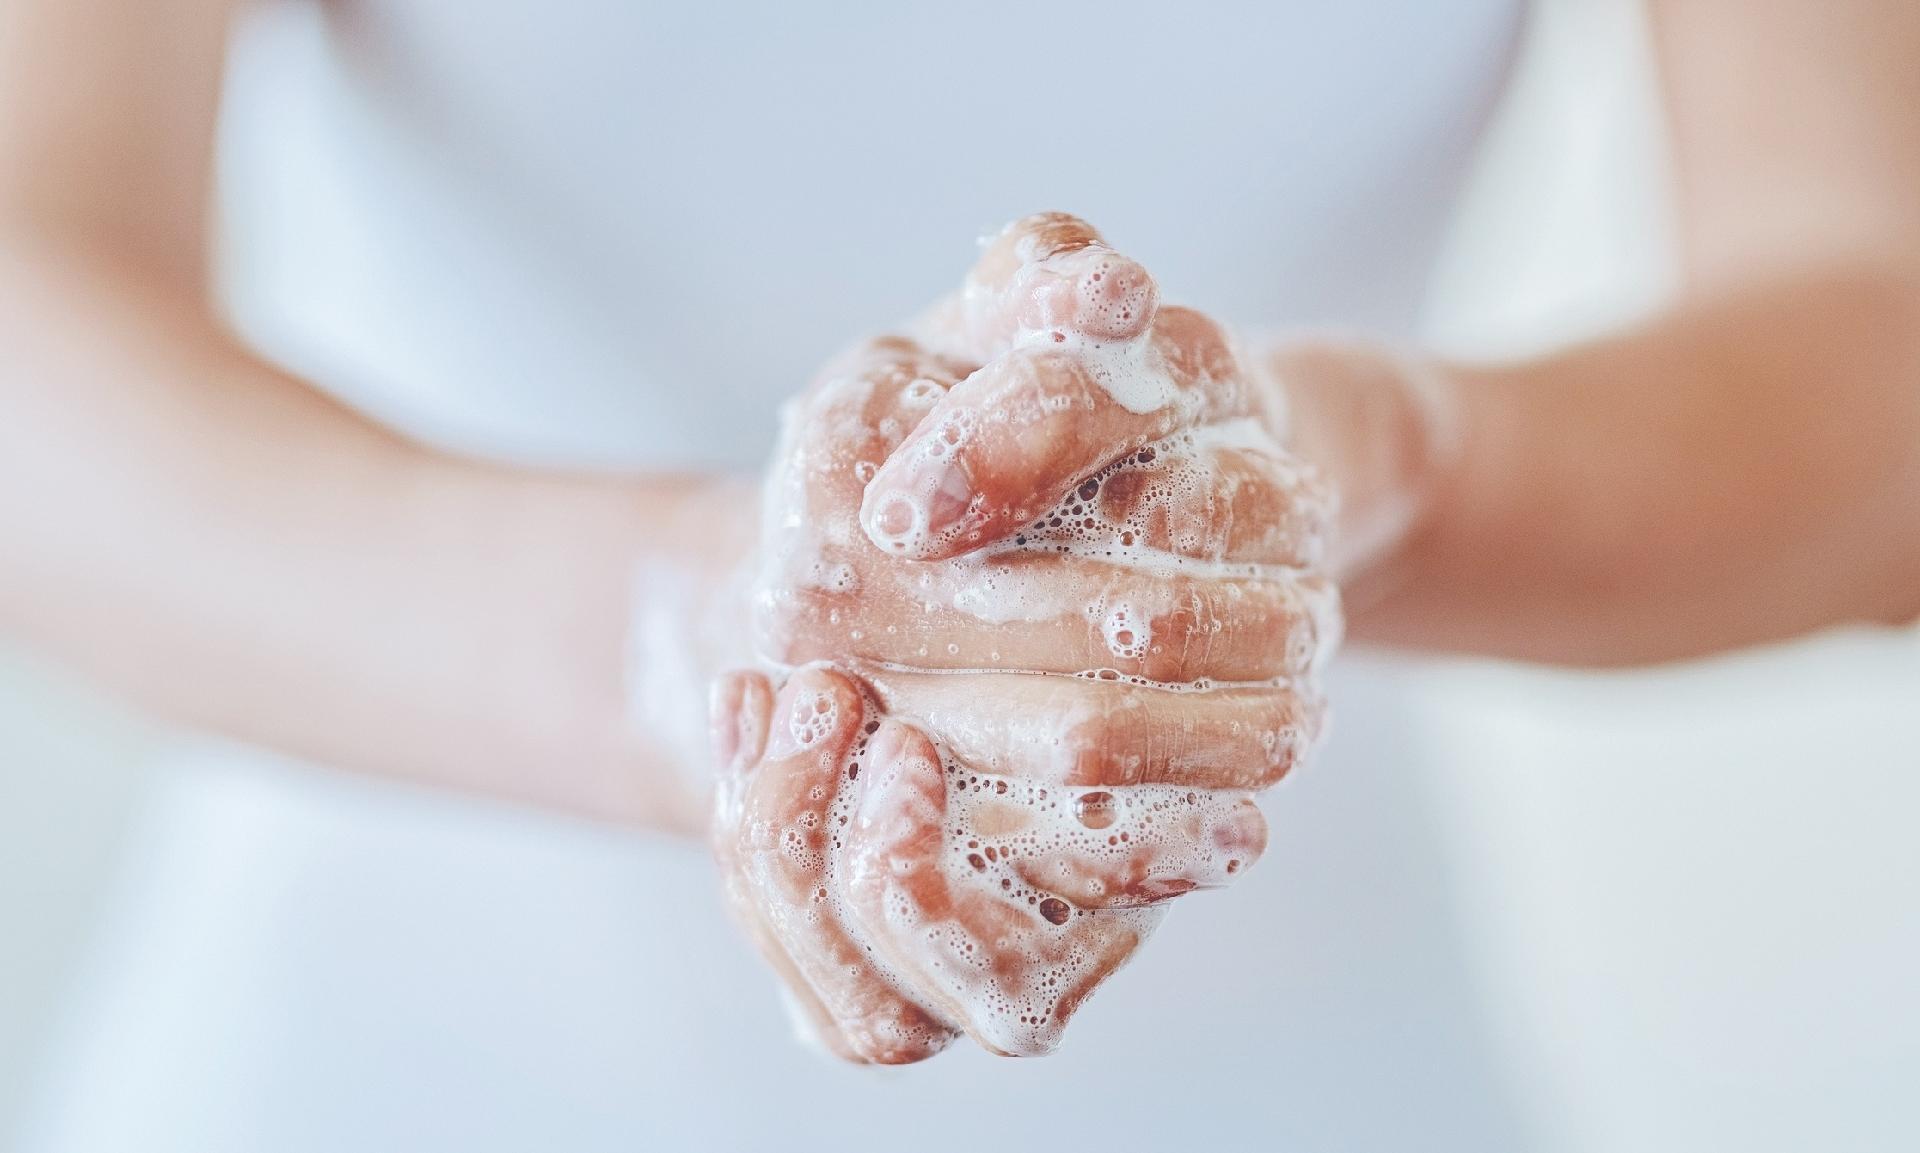 Cuidados com as mãos - como mante-las saudáveis e hidratadas